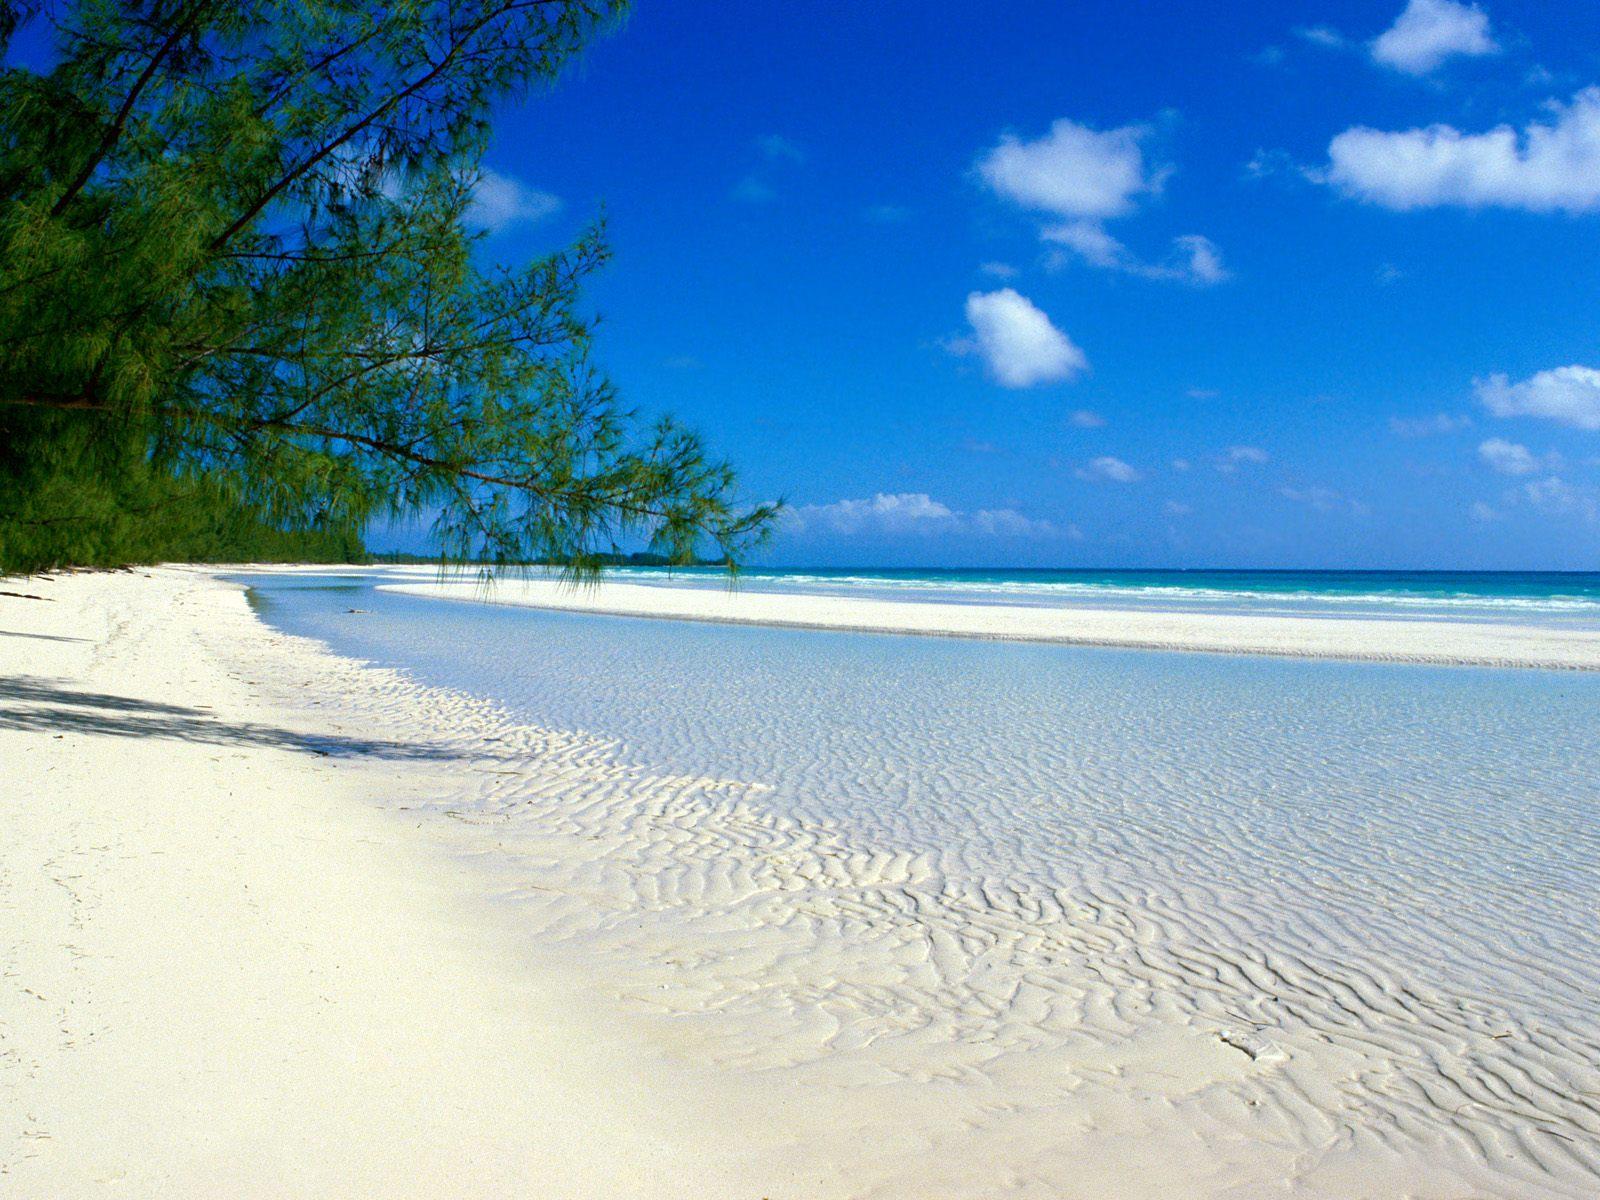 The best top desktop beach wallpapers hd beach wallpaper 341jpeg 1600x1200